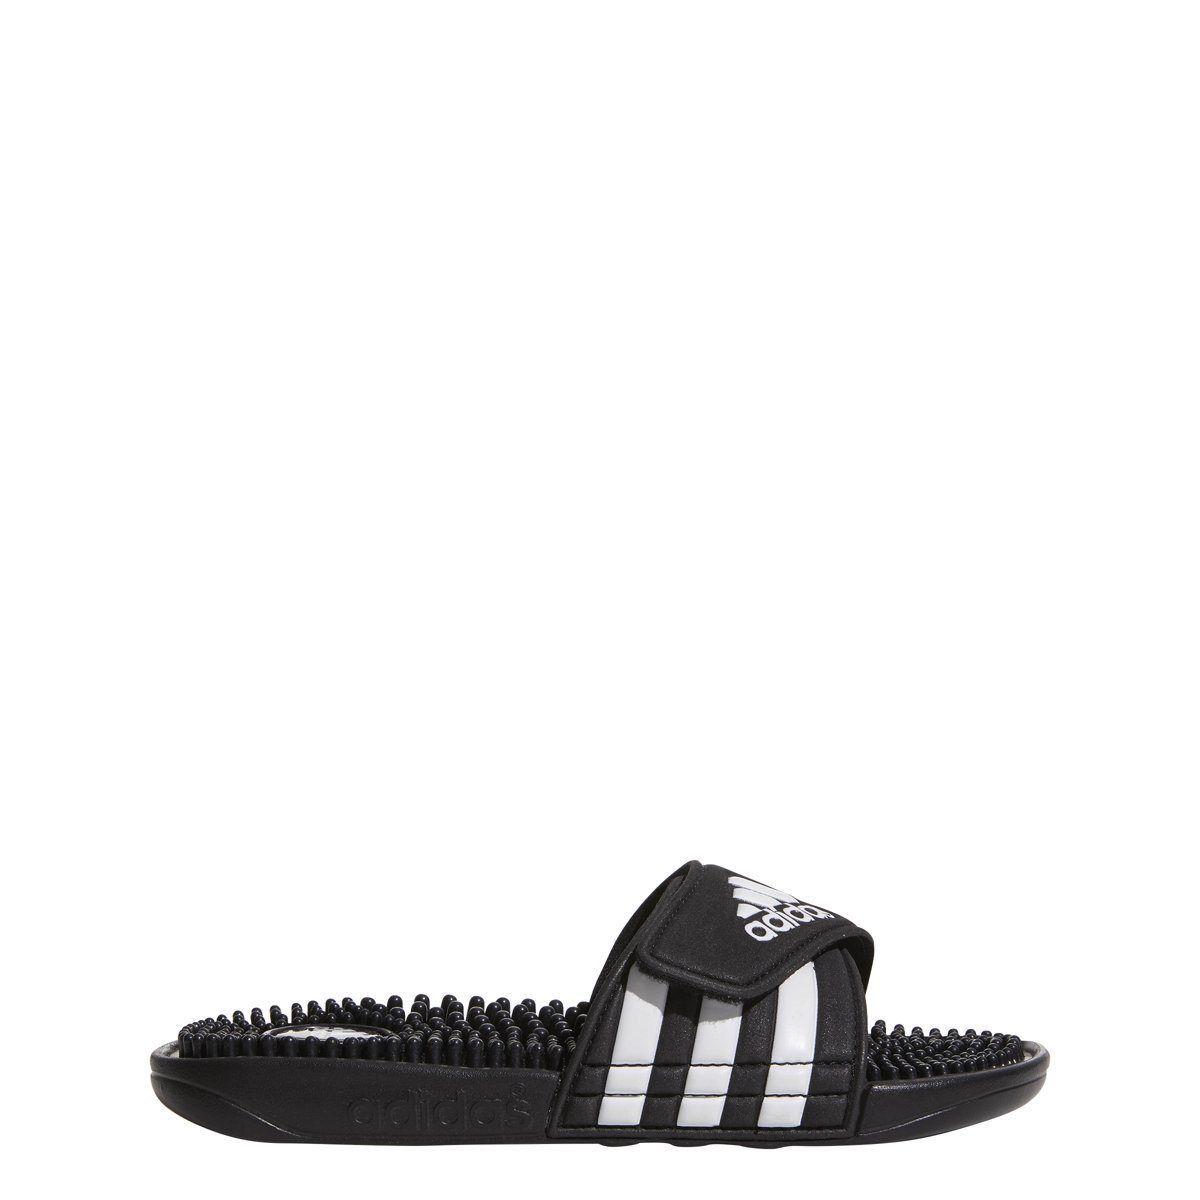 Kids Adidas Adissage Slides Sandal 078285 Color Black// Black Running White New